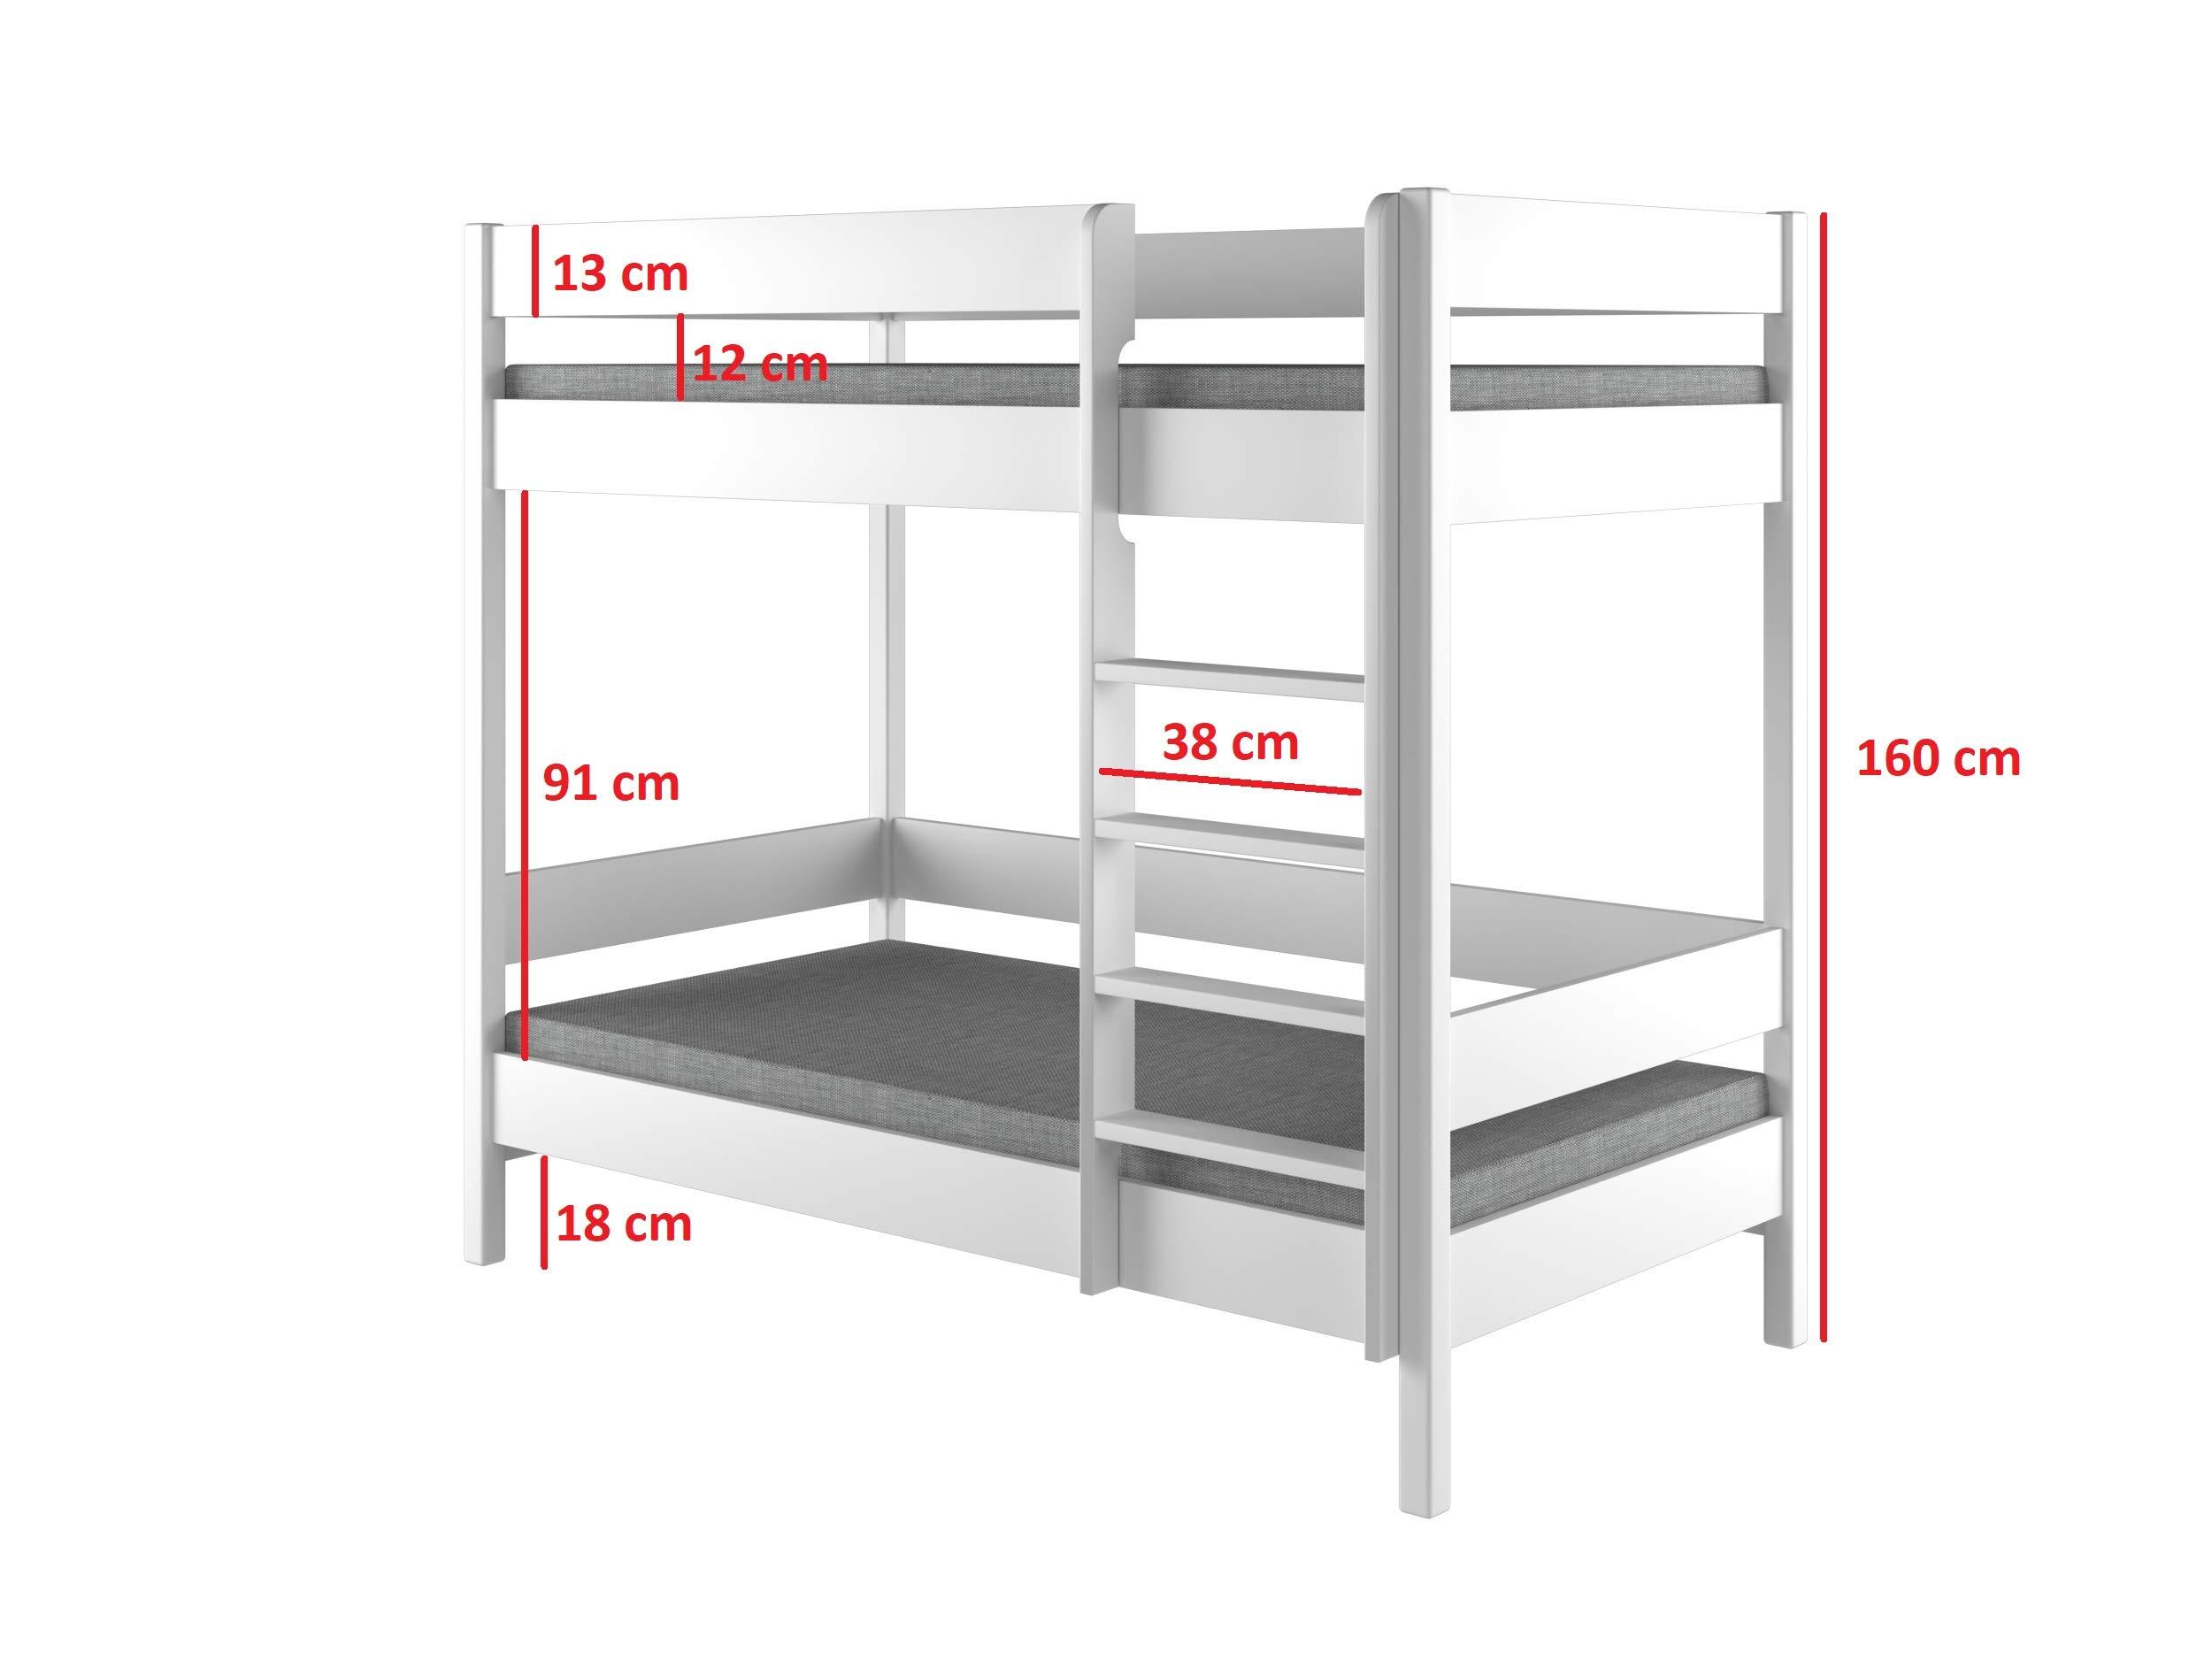 Letto A Castello Struttura.Dino Bunk Bed Struttura Per Letto A Castello Per Bambini In